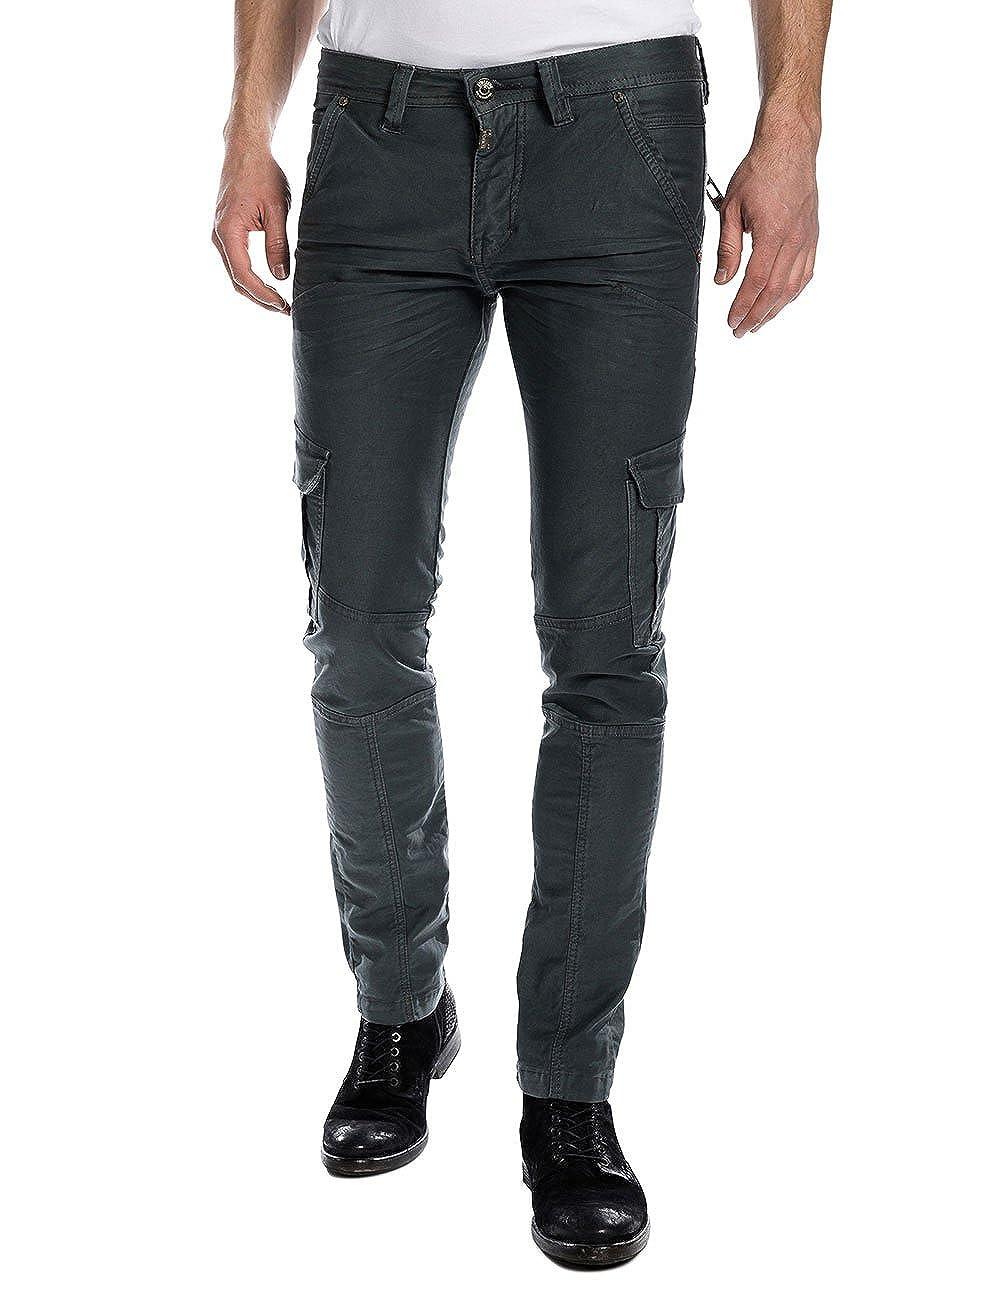 TALLA ES 40 (EU 46). Timezone Brooklyntz Biker Pants - Pantalones Hombre